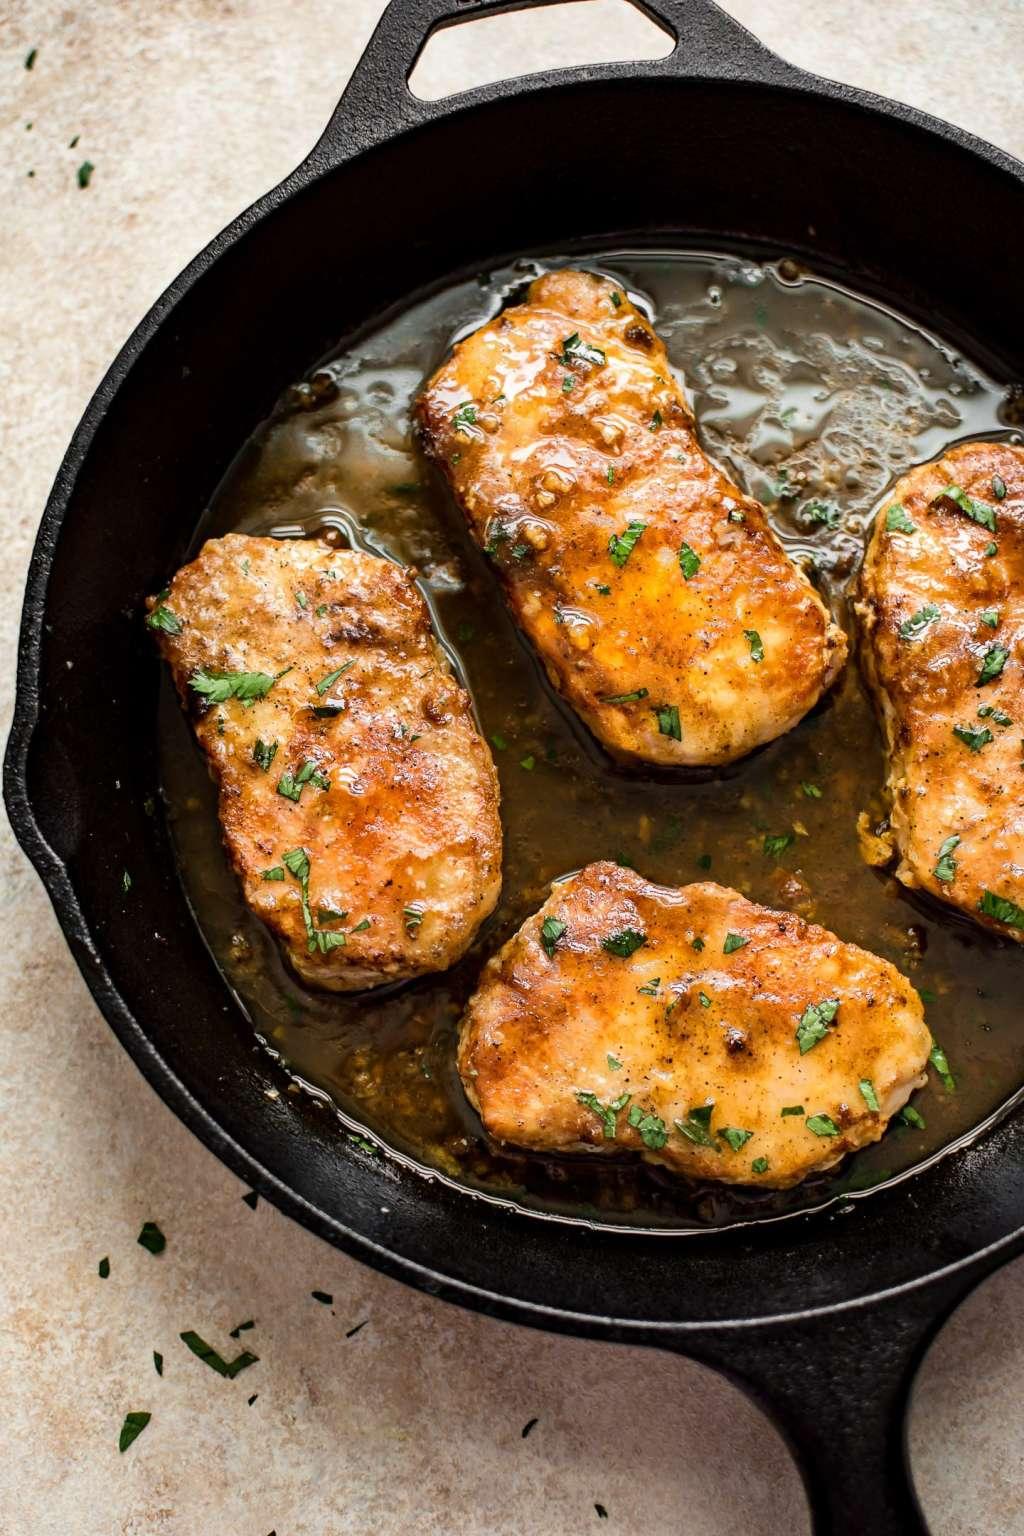 30-Minute Honey-Soy Pork Chops Are a Dinner Winner